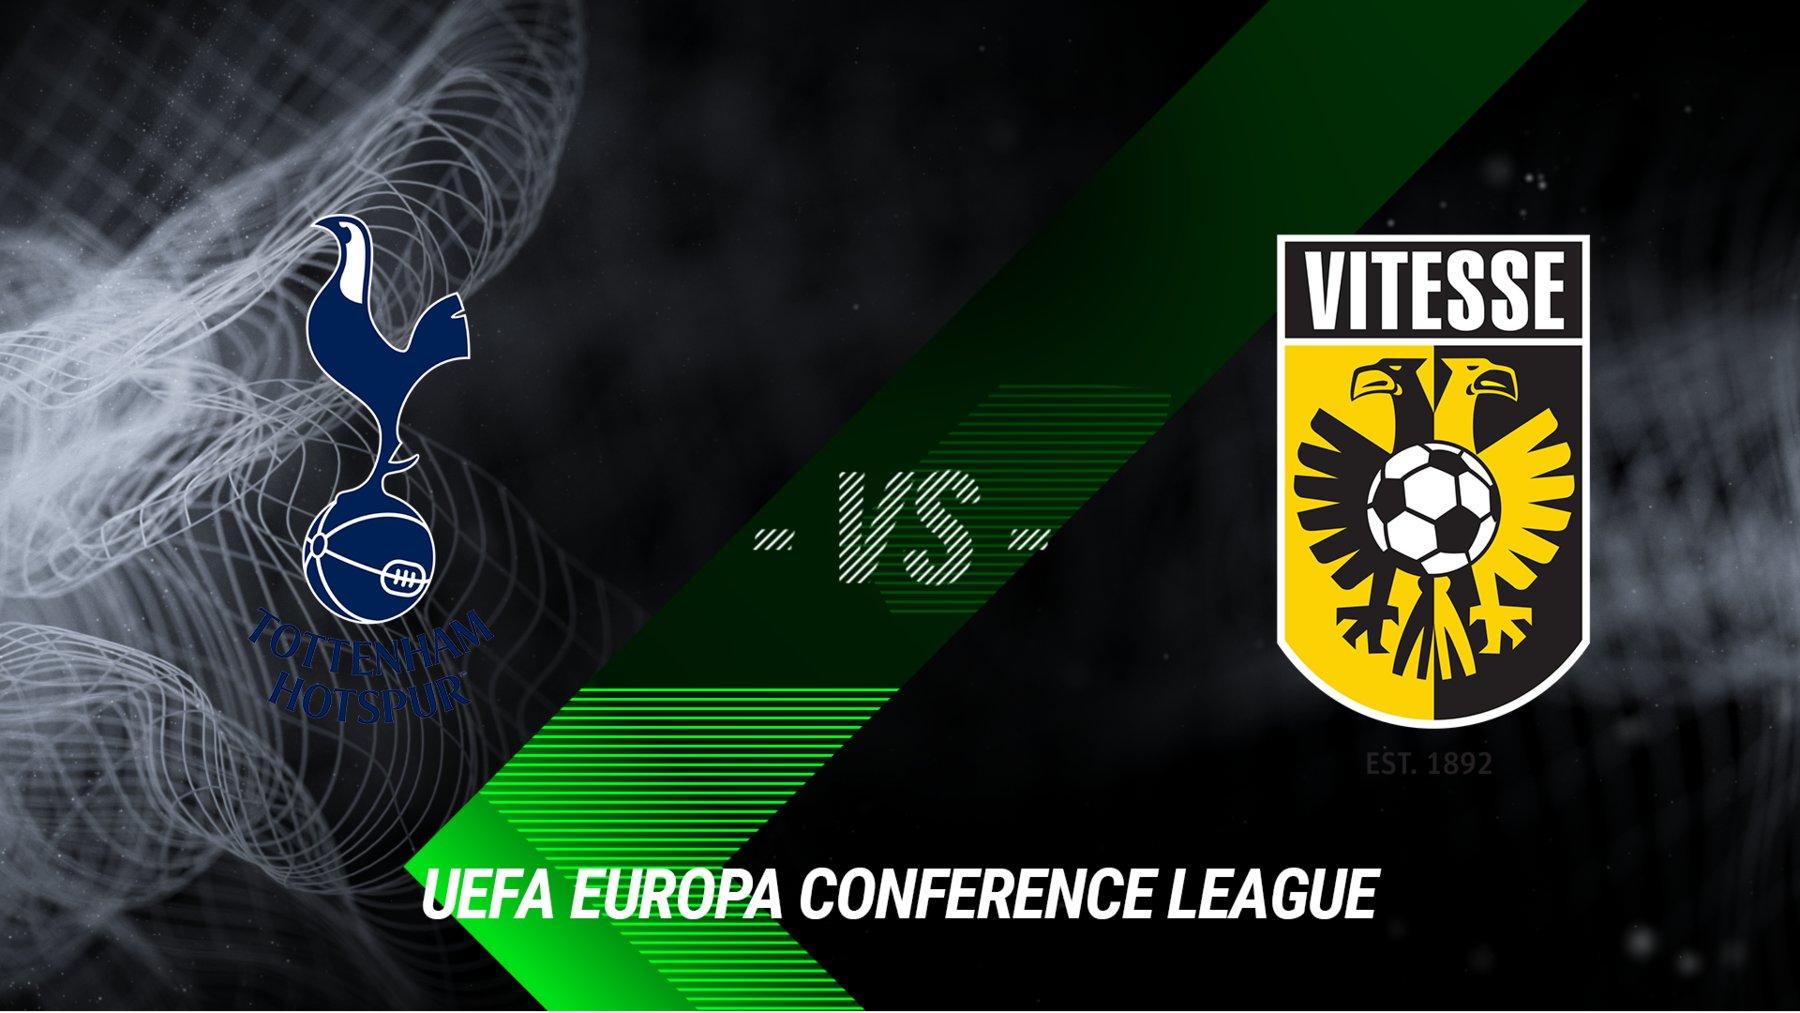 Tottenham Hotspur vs. Vitesse Arnhem